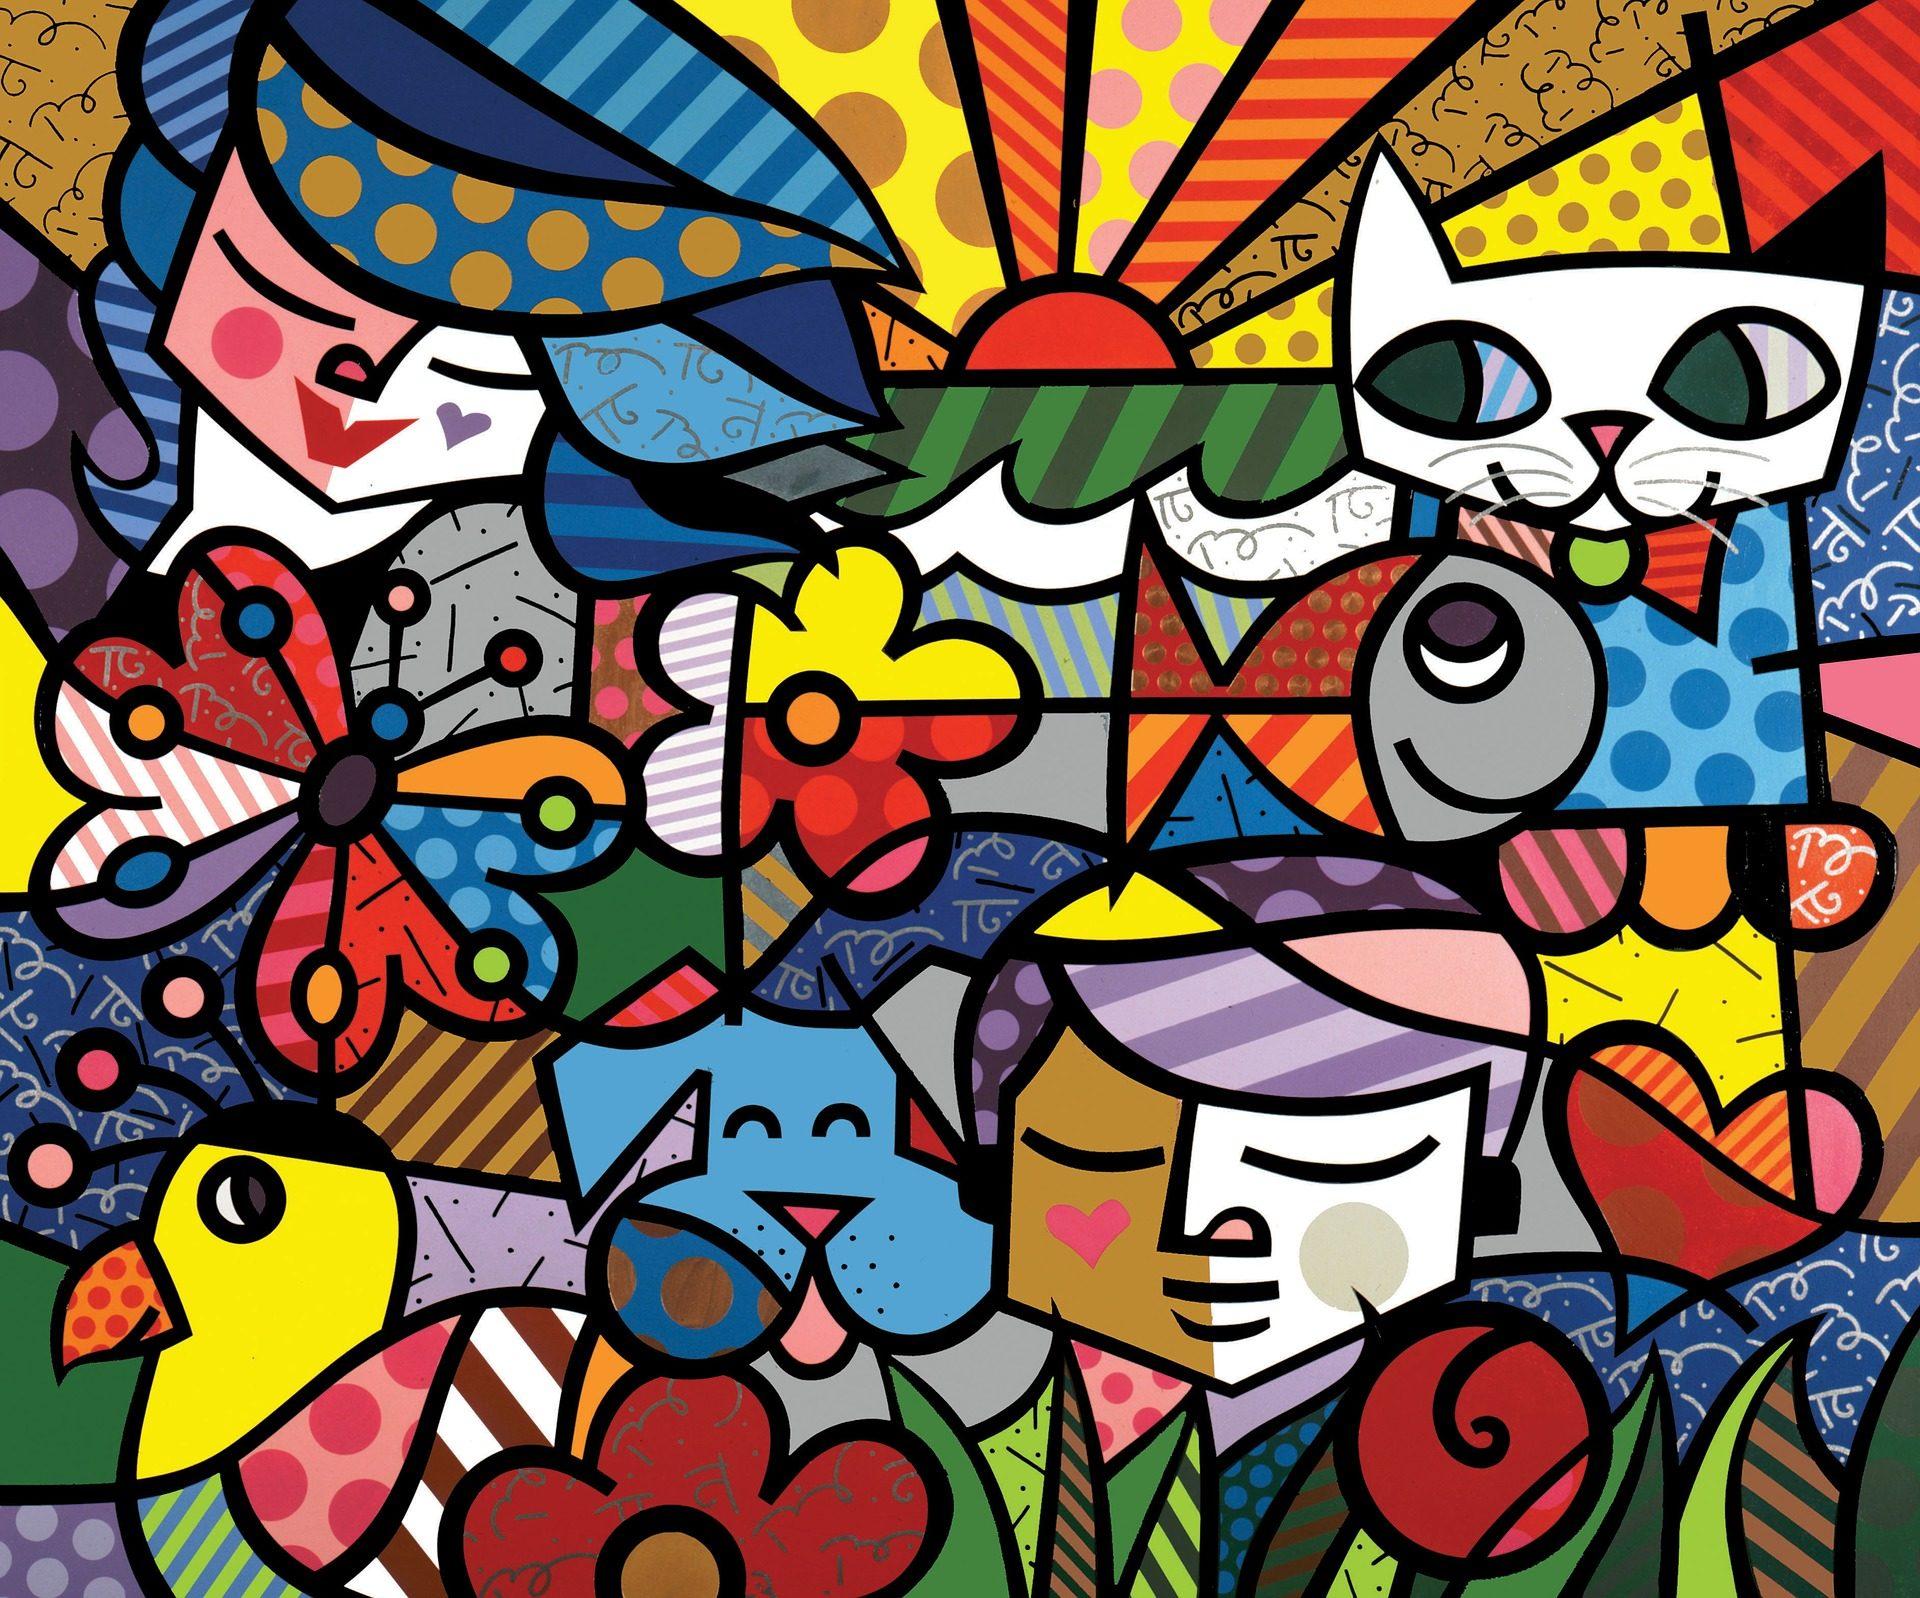 chat, chien, femmes, poisson, coloré - Fonds d'écran HD - Professor-falken.com